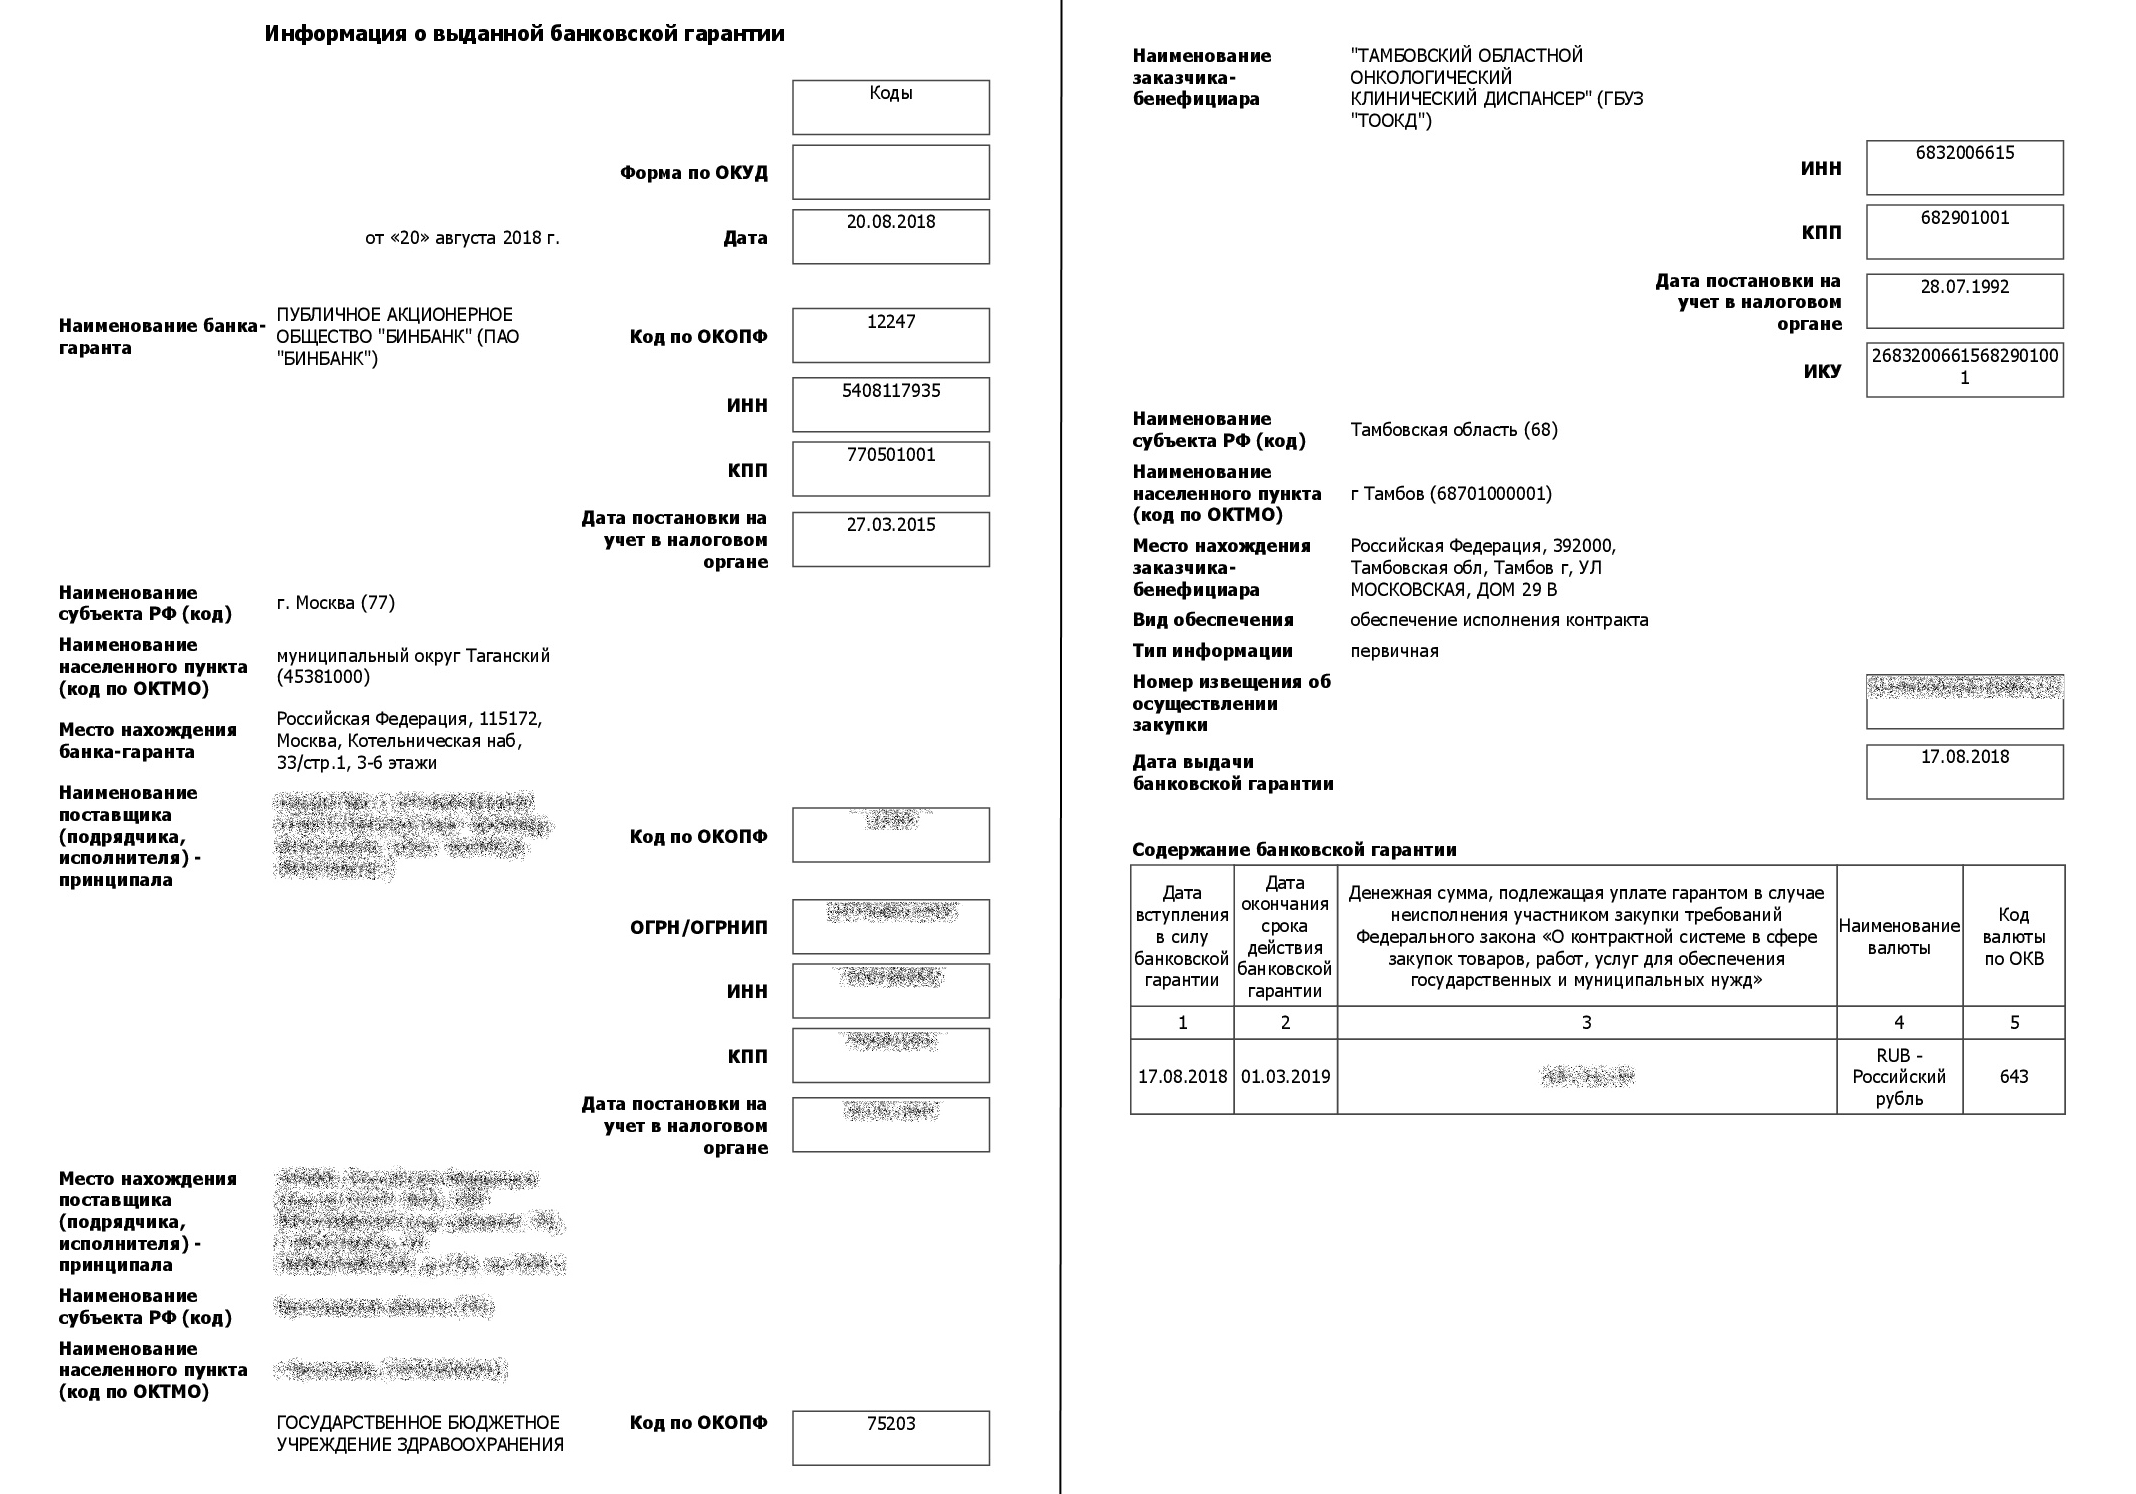 Пример выписки из открытого реестра банковских гарантий